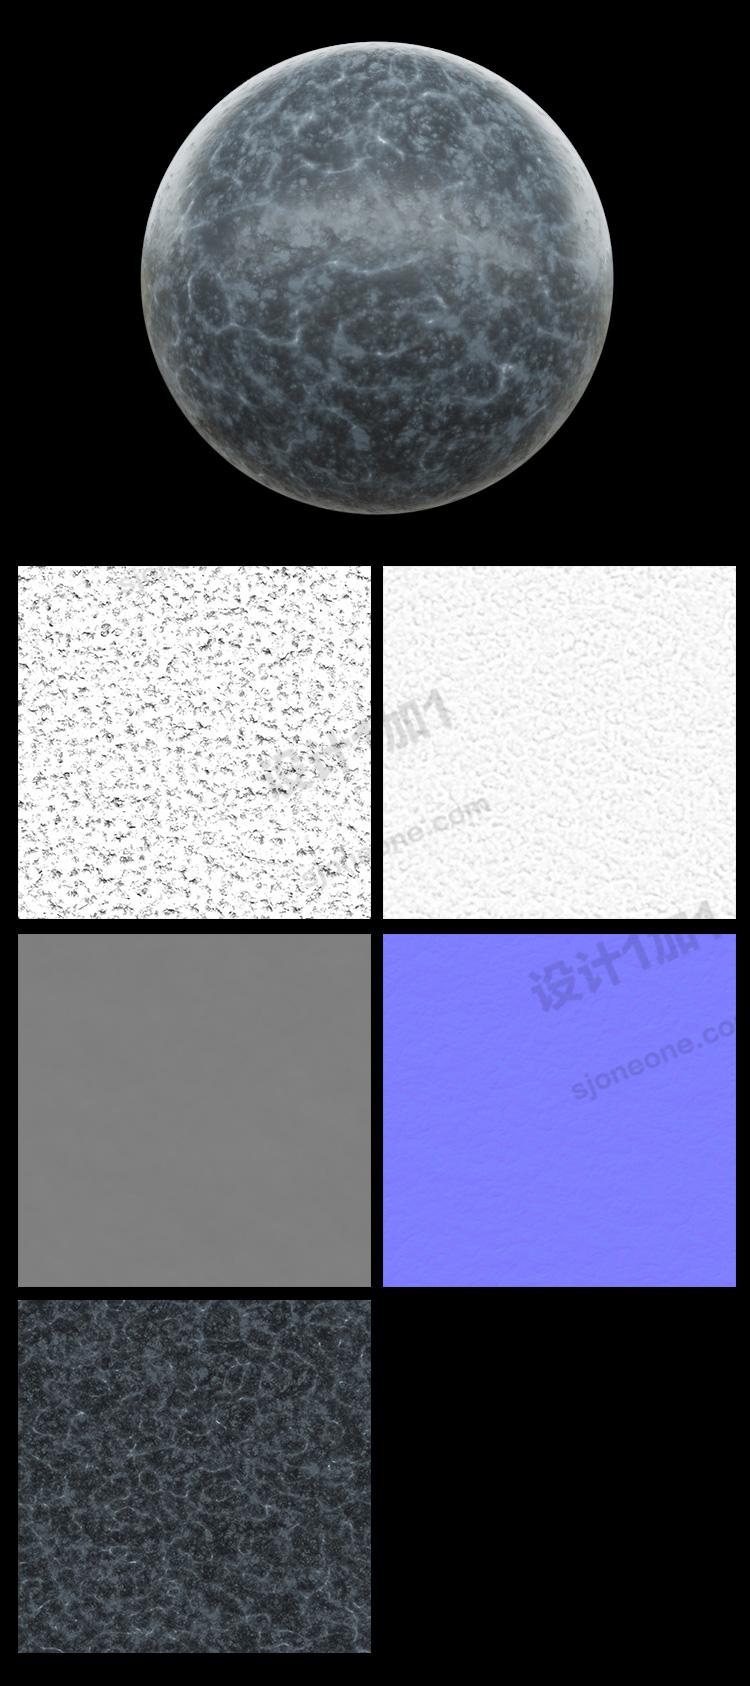 3D瓷砖地板花纹花岗岩材质通道模型贴图法线置换凹凸素材图